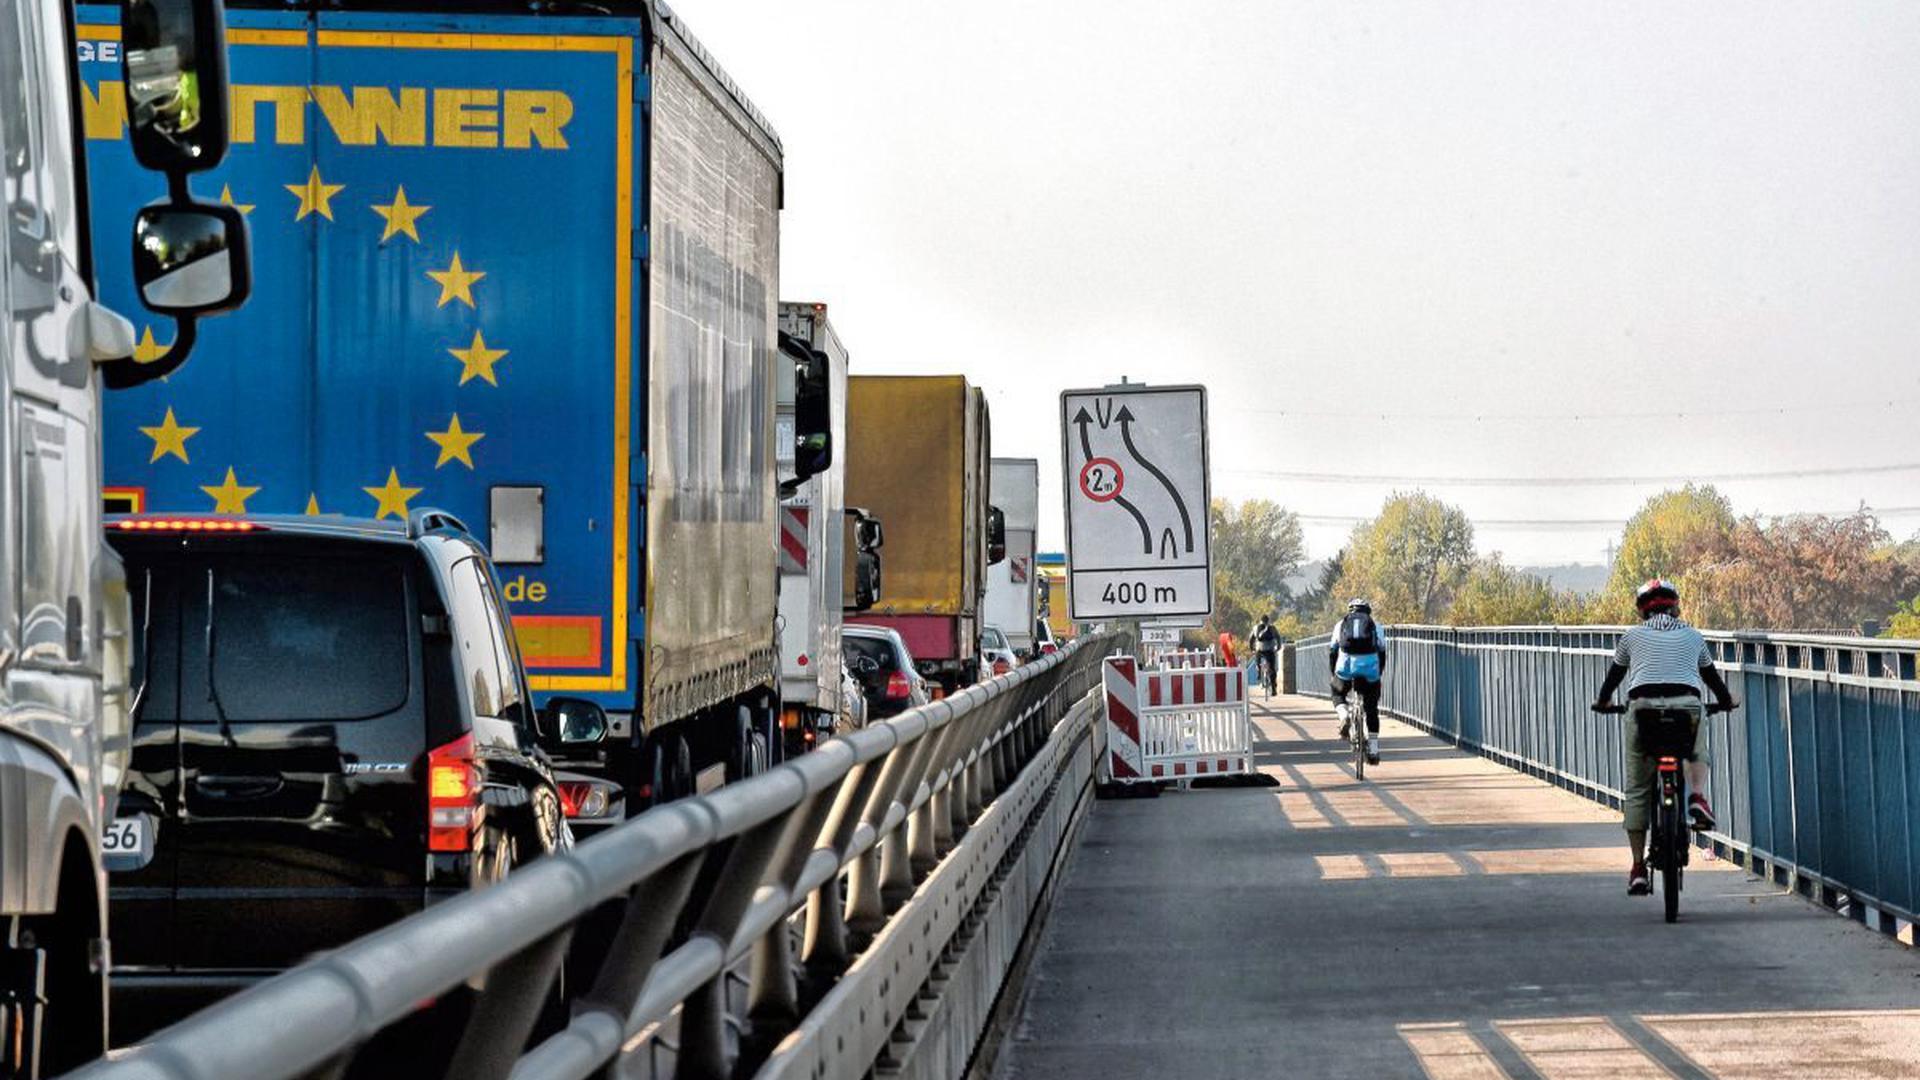 Schon während der Bauarbeiten auf der Fahrbahn ging es für Radfahrer nur auf einer Seite der Rheinbrücke in beide Richtungen voran. Auch ein halbes Jahr nach Fertigstellung der Hauptarbeiten hat sich an diesem Zustand aber nichts geändert.